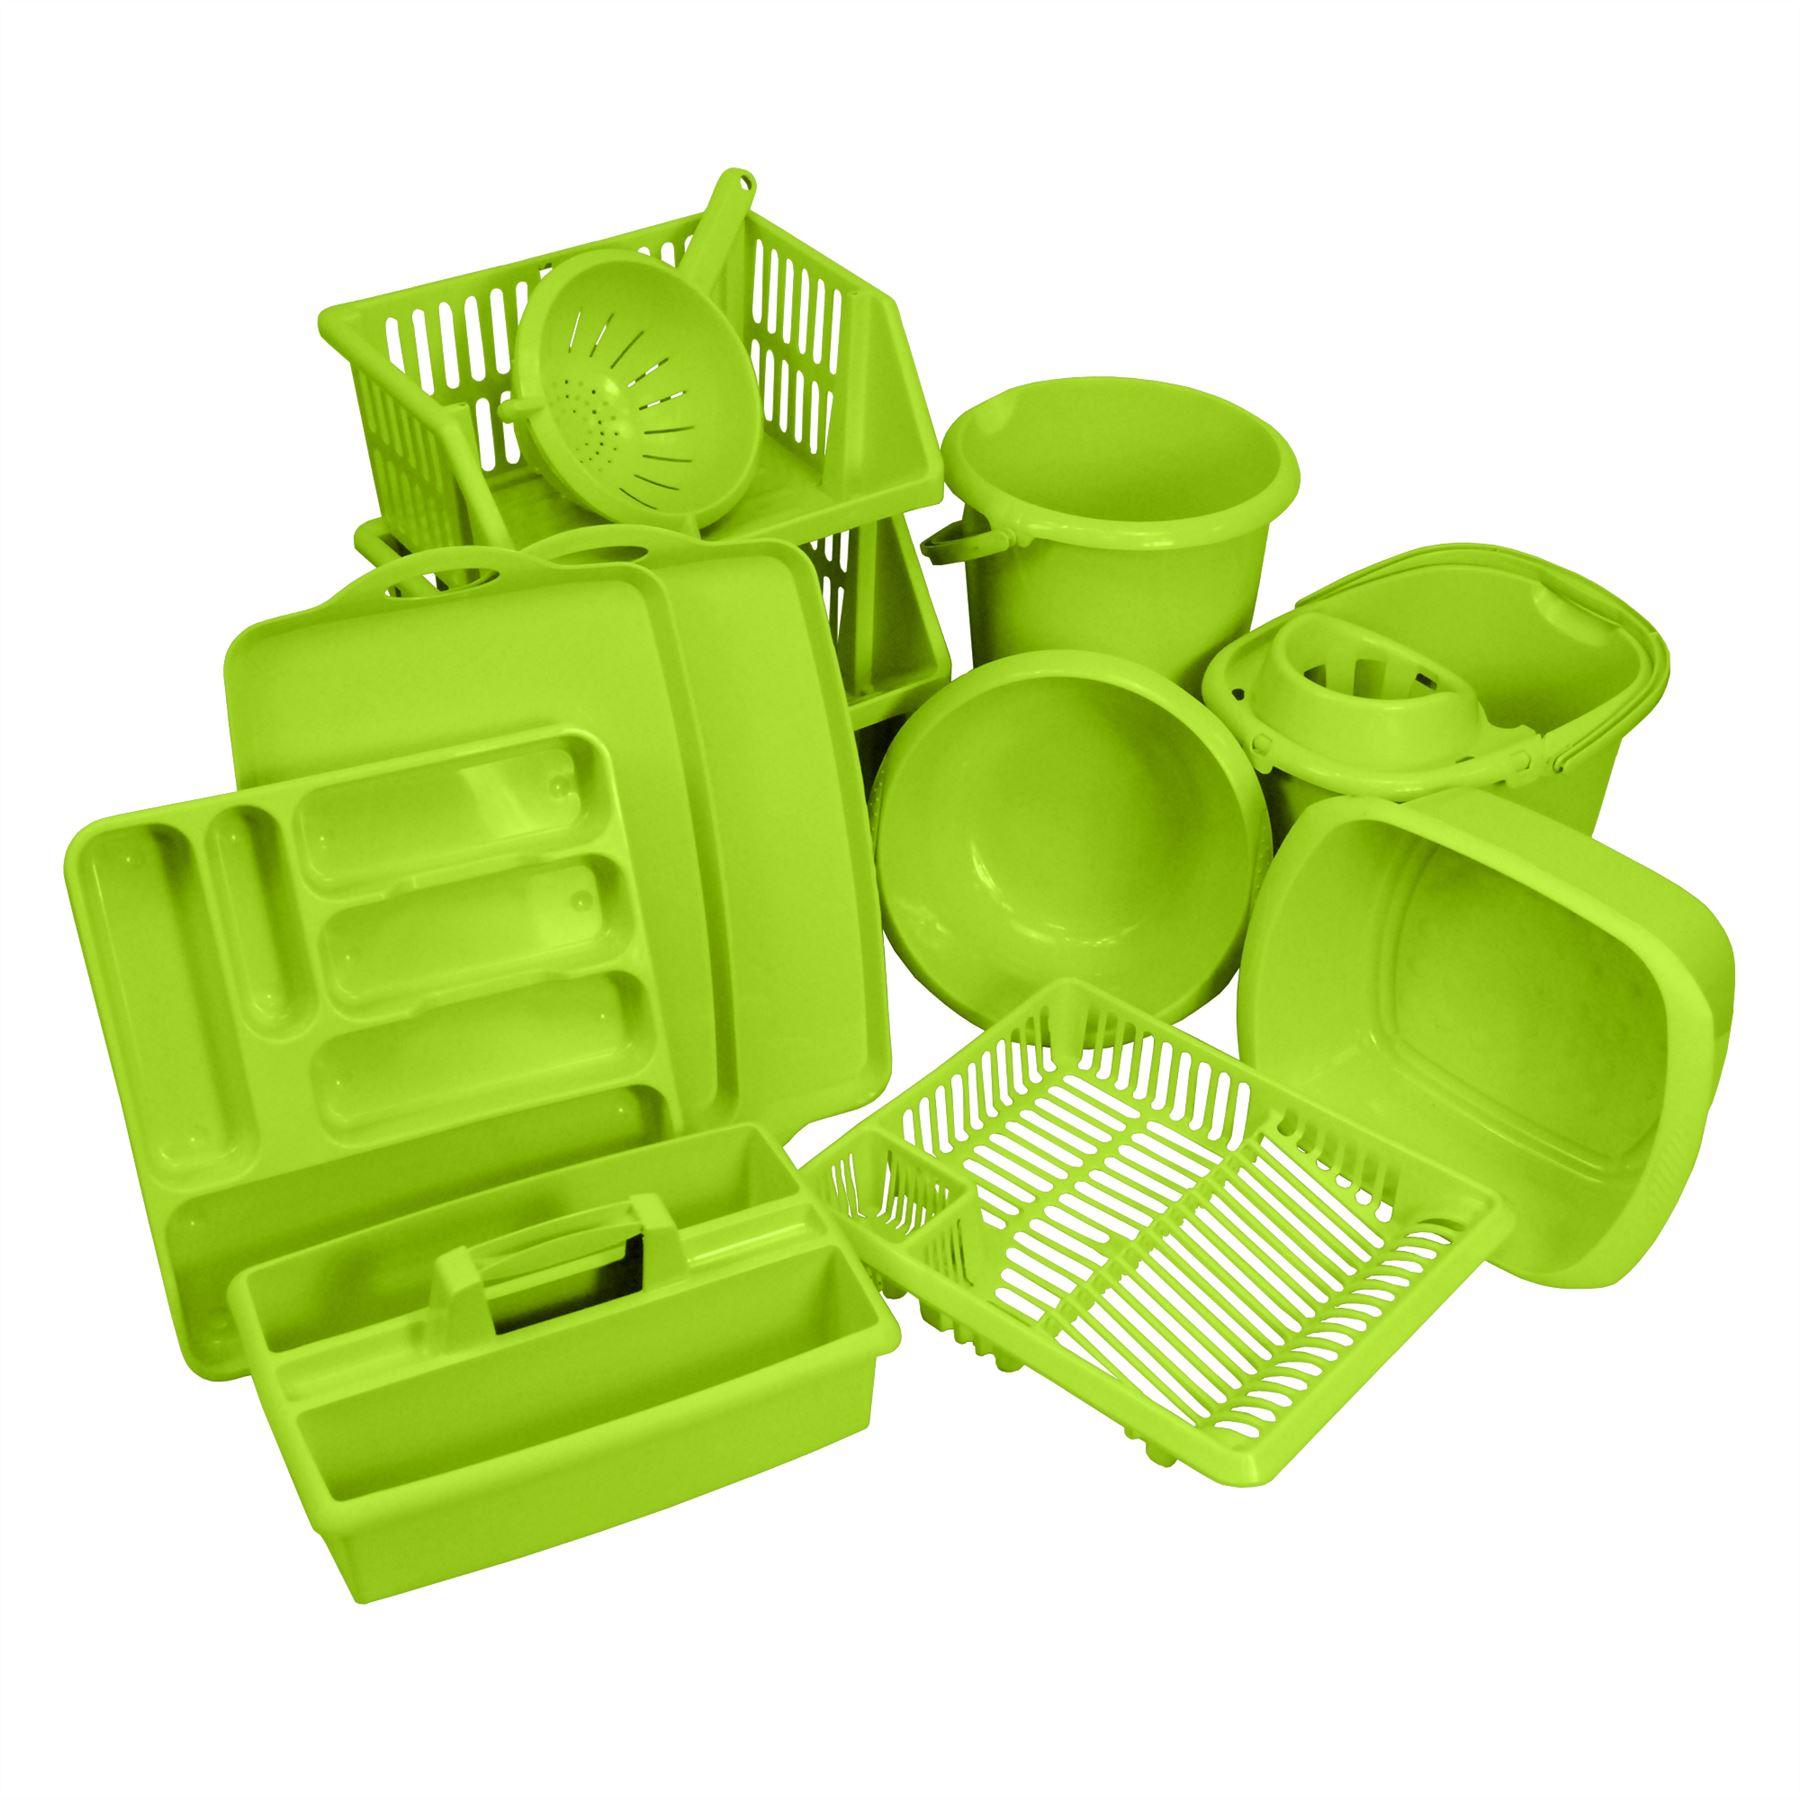 Crazygadget 11pc kitchen plastic accessories set bowls for Plastic kitchen set